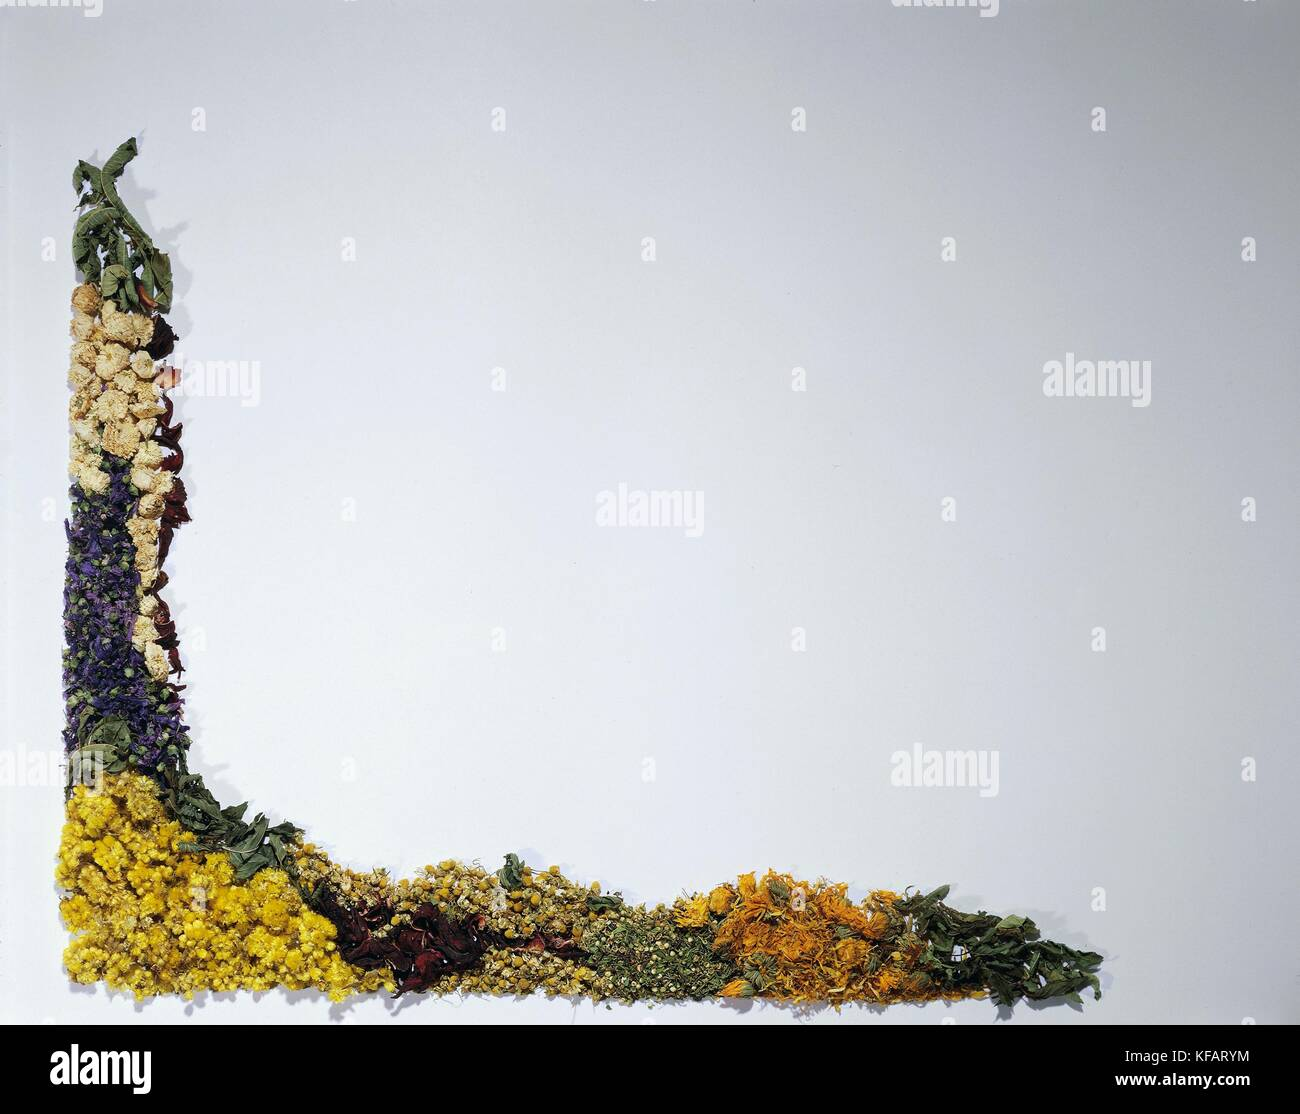 Still life, Herb. composición por frame Imagen De Stock